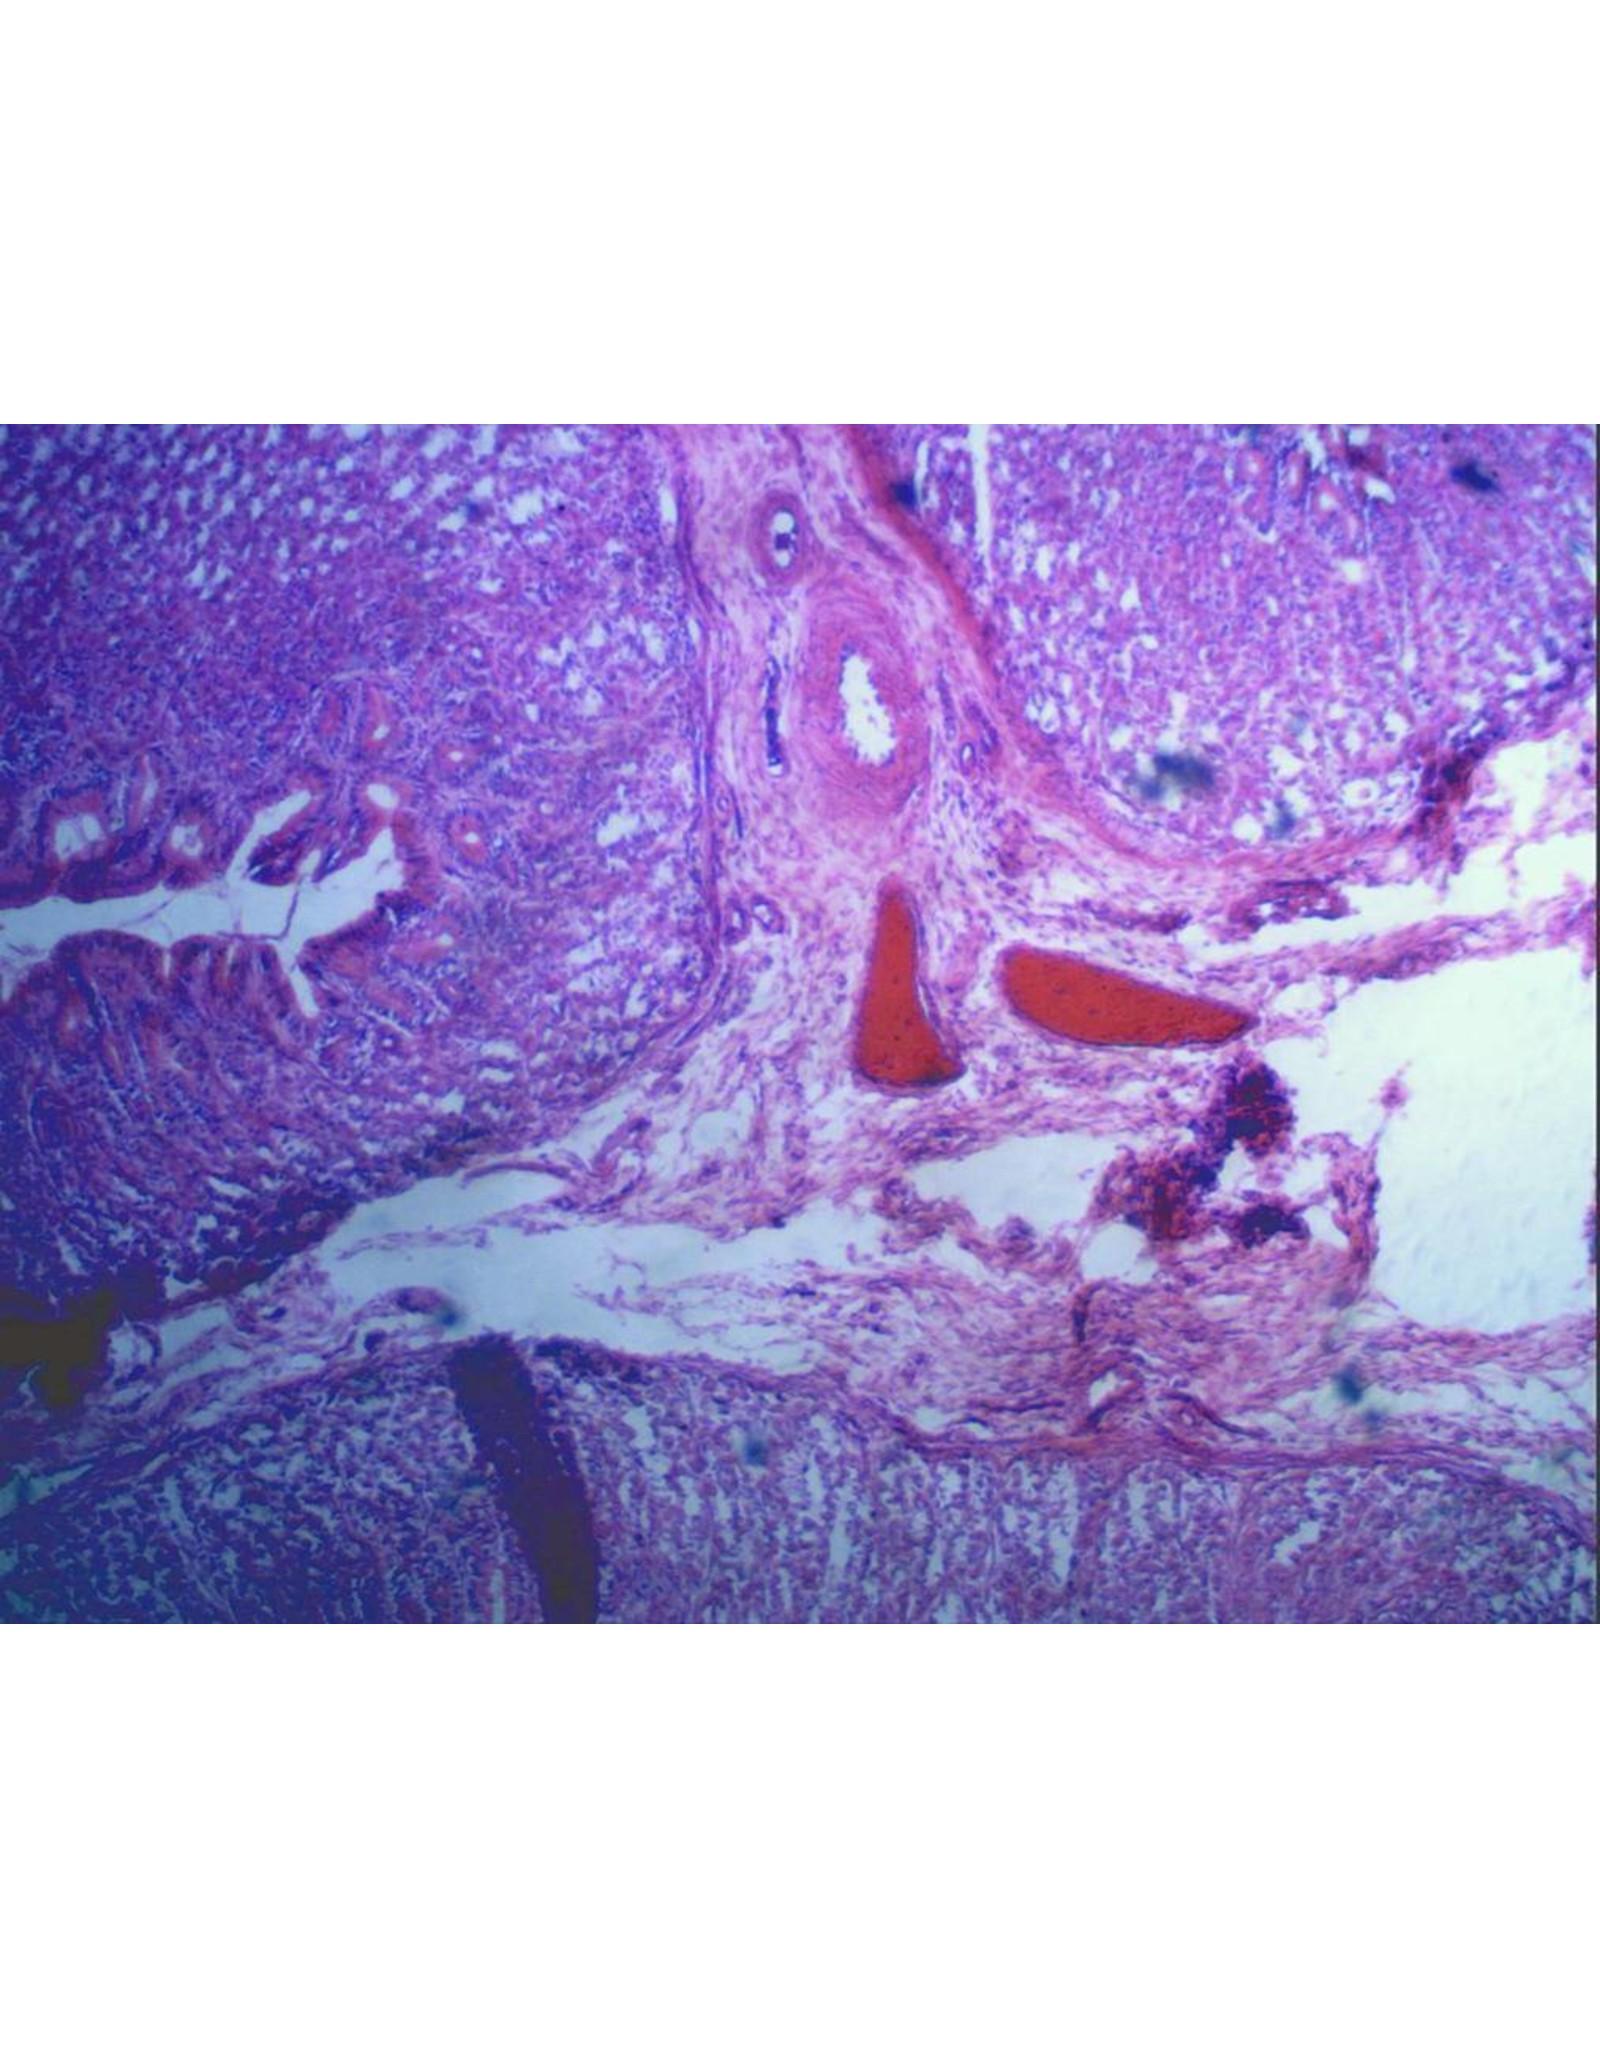 Celestron Celestron  5MP Digital Microscope Imager